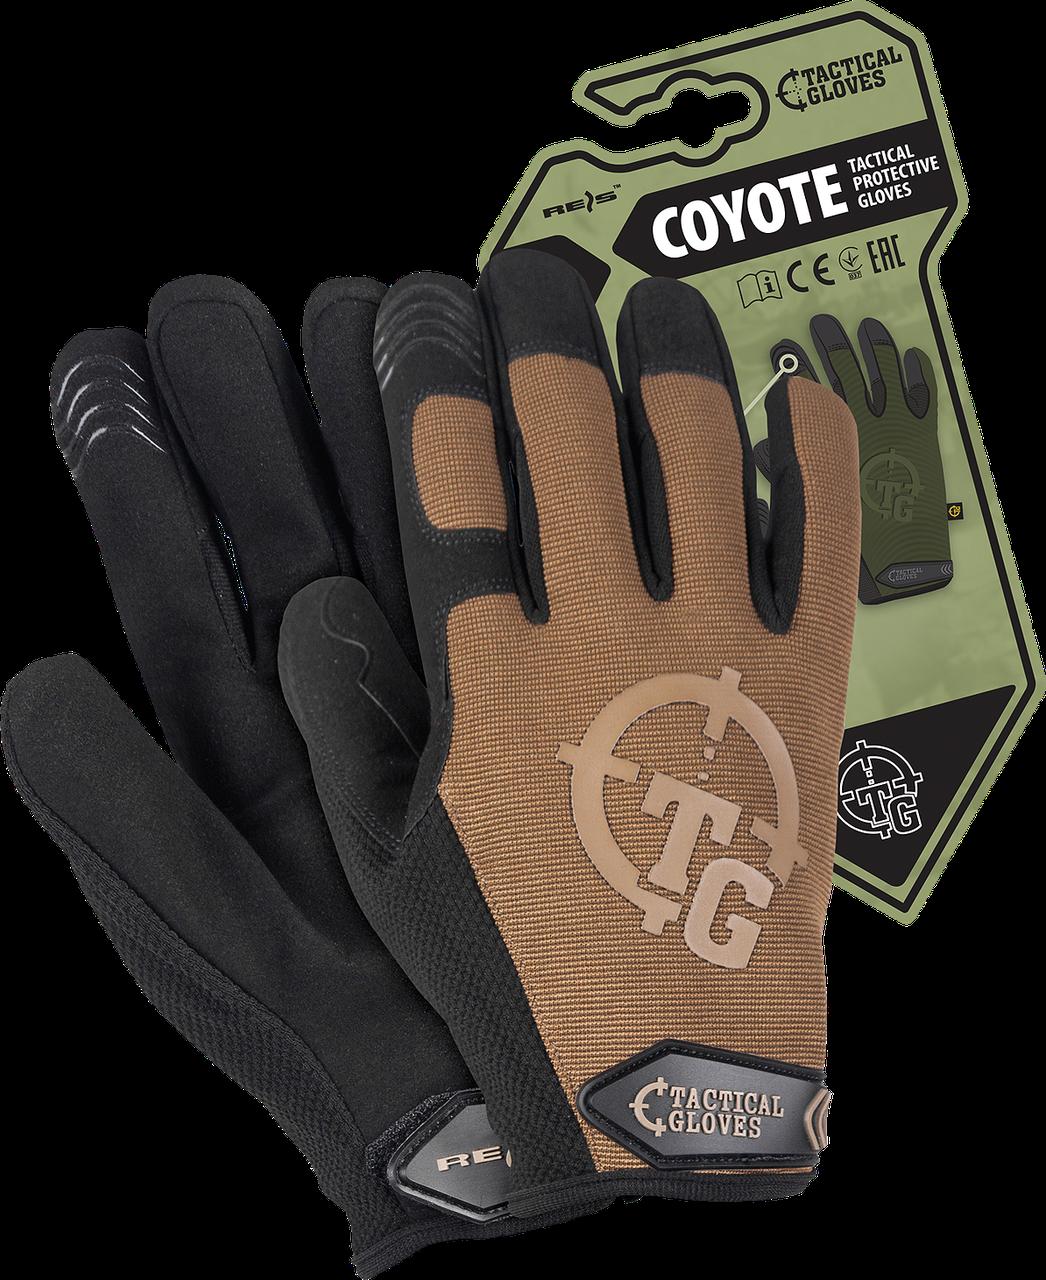 Перчатки RTC-COYOTE COY рабочие выполнены из пряжи и синтетической кожи. REIS Польша